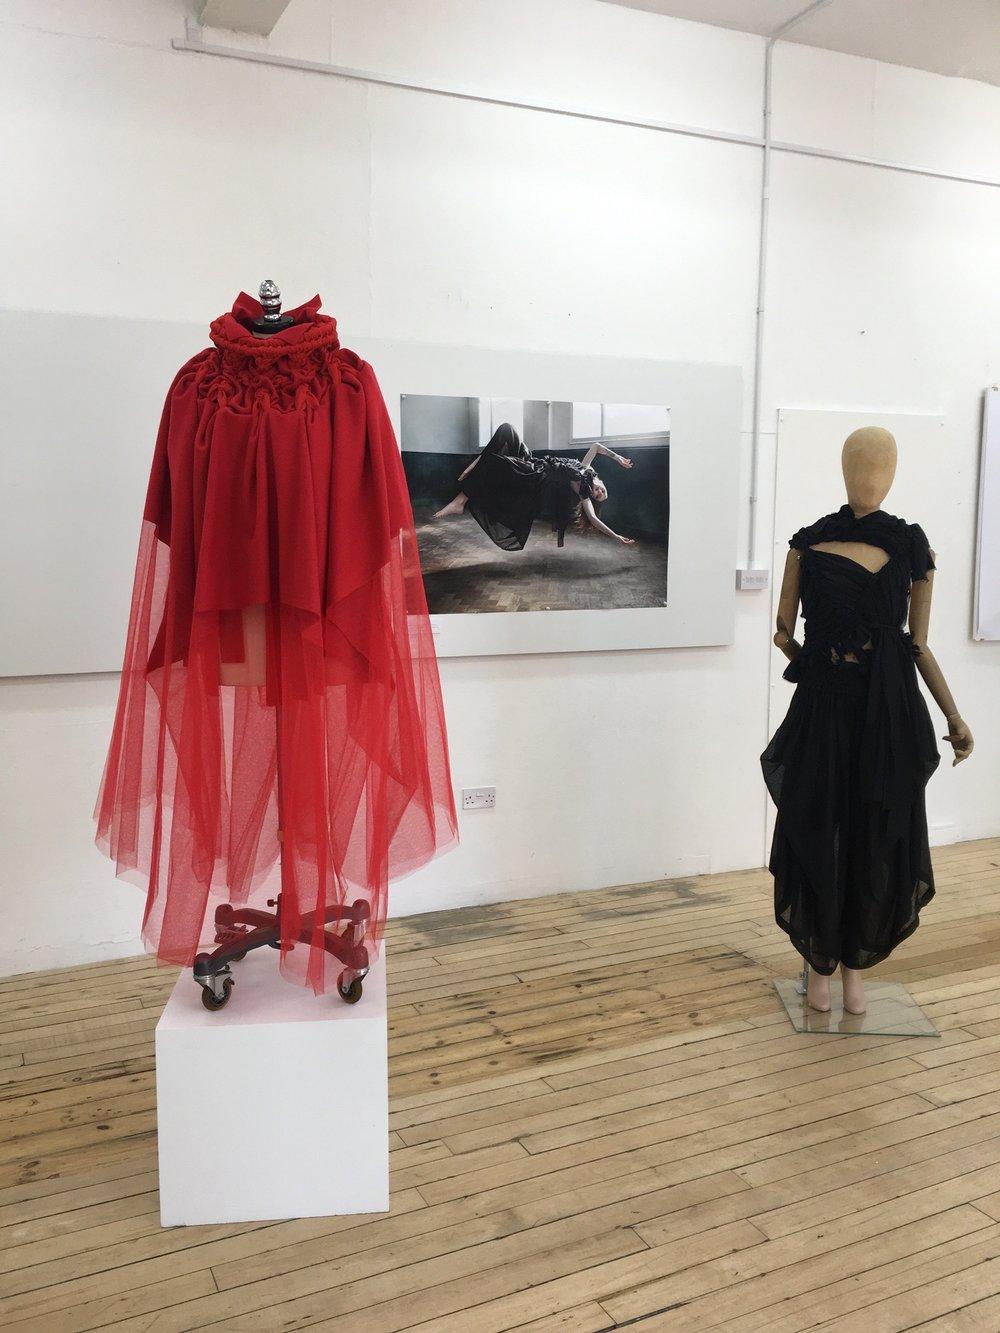 Annabel Gaelle - MA Fashion Graduate, NUA